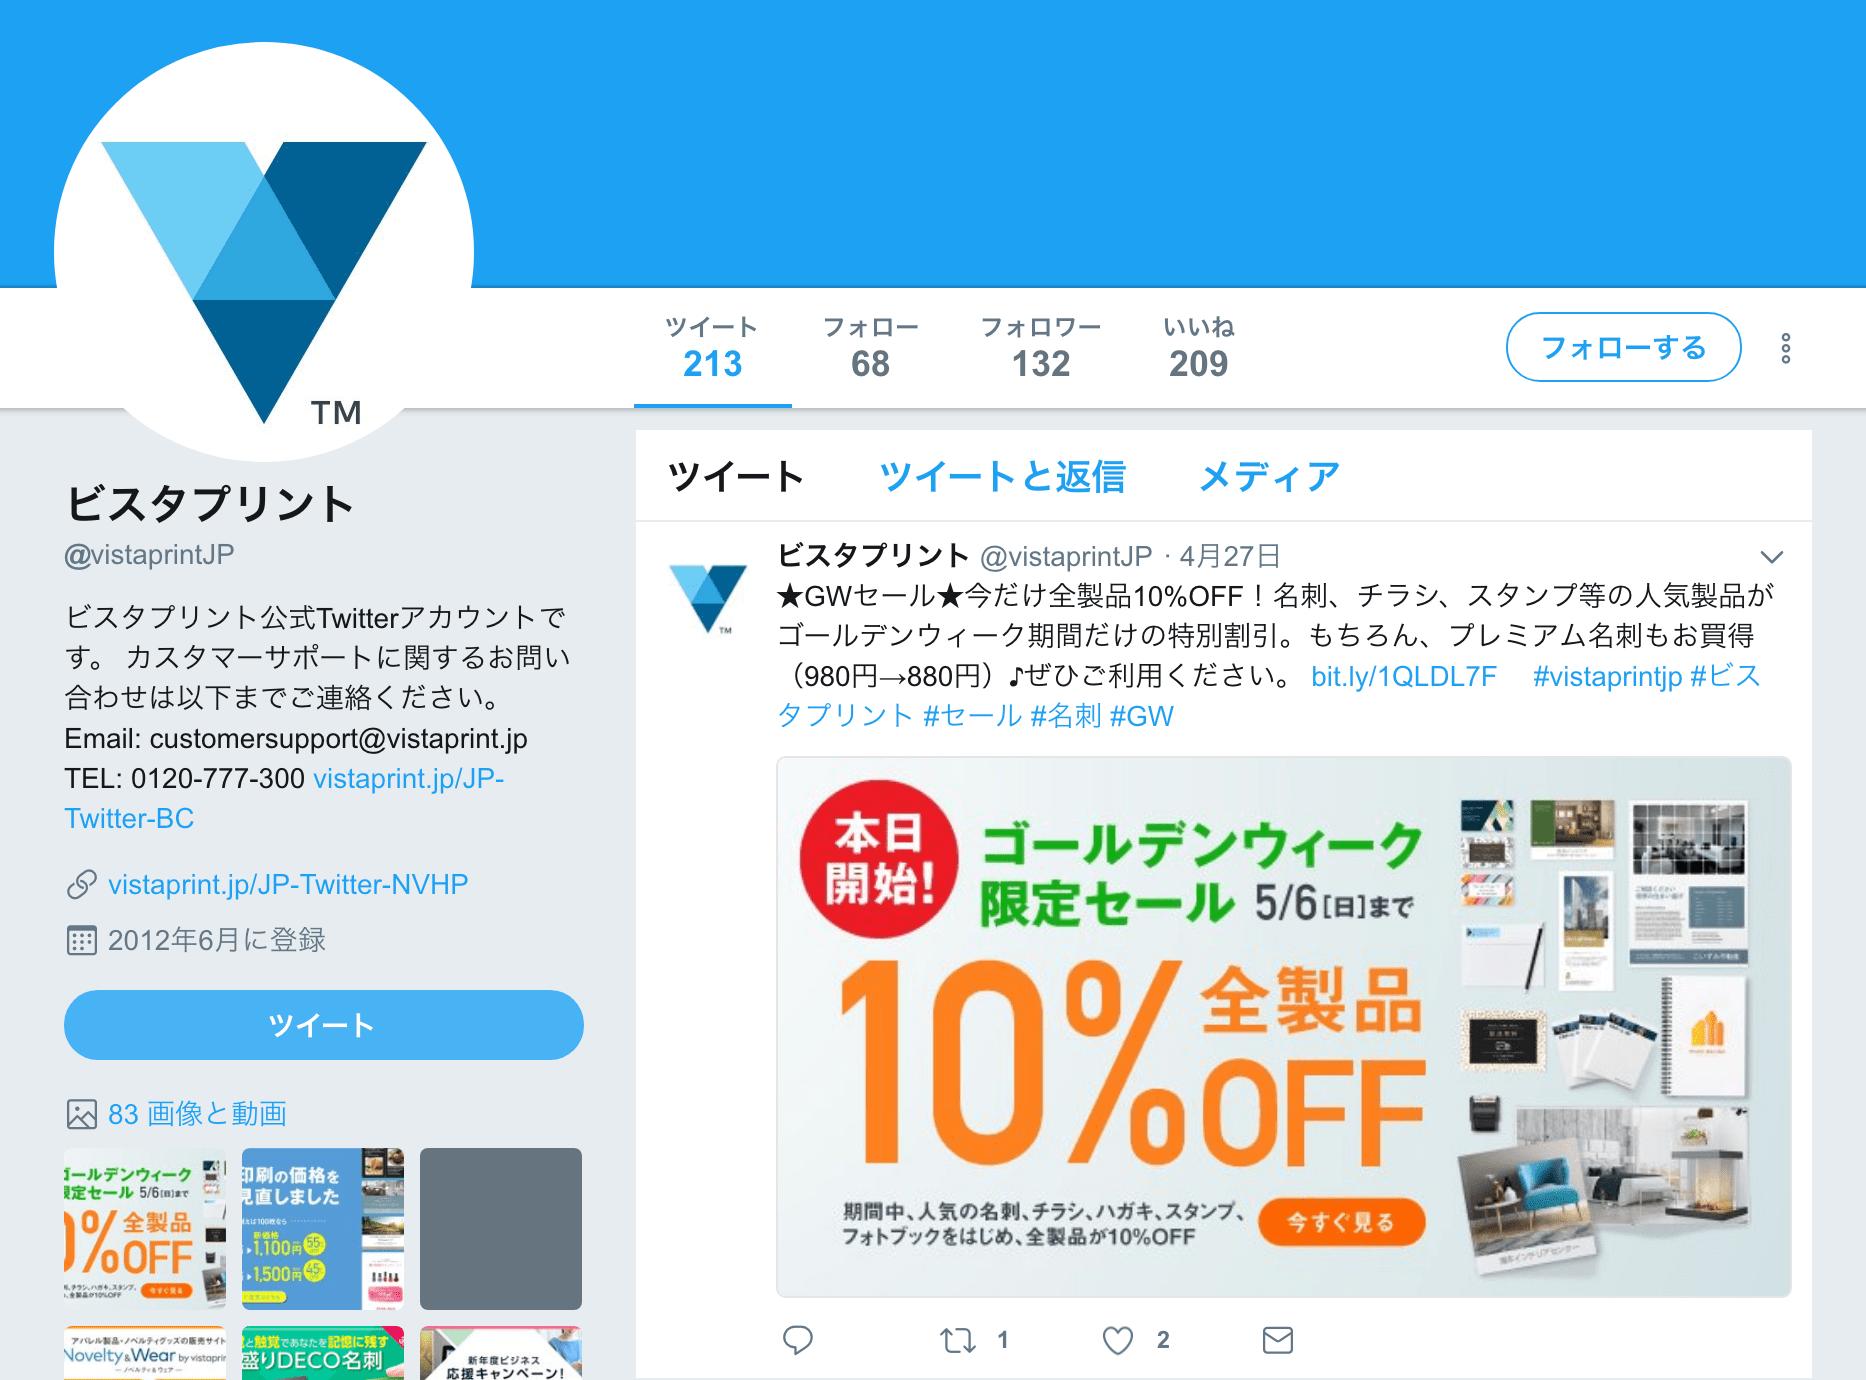 ビスタプリントの公式ツイッターでキャンペーン・セール・クーポン情報をチェック